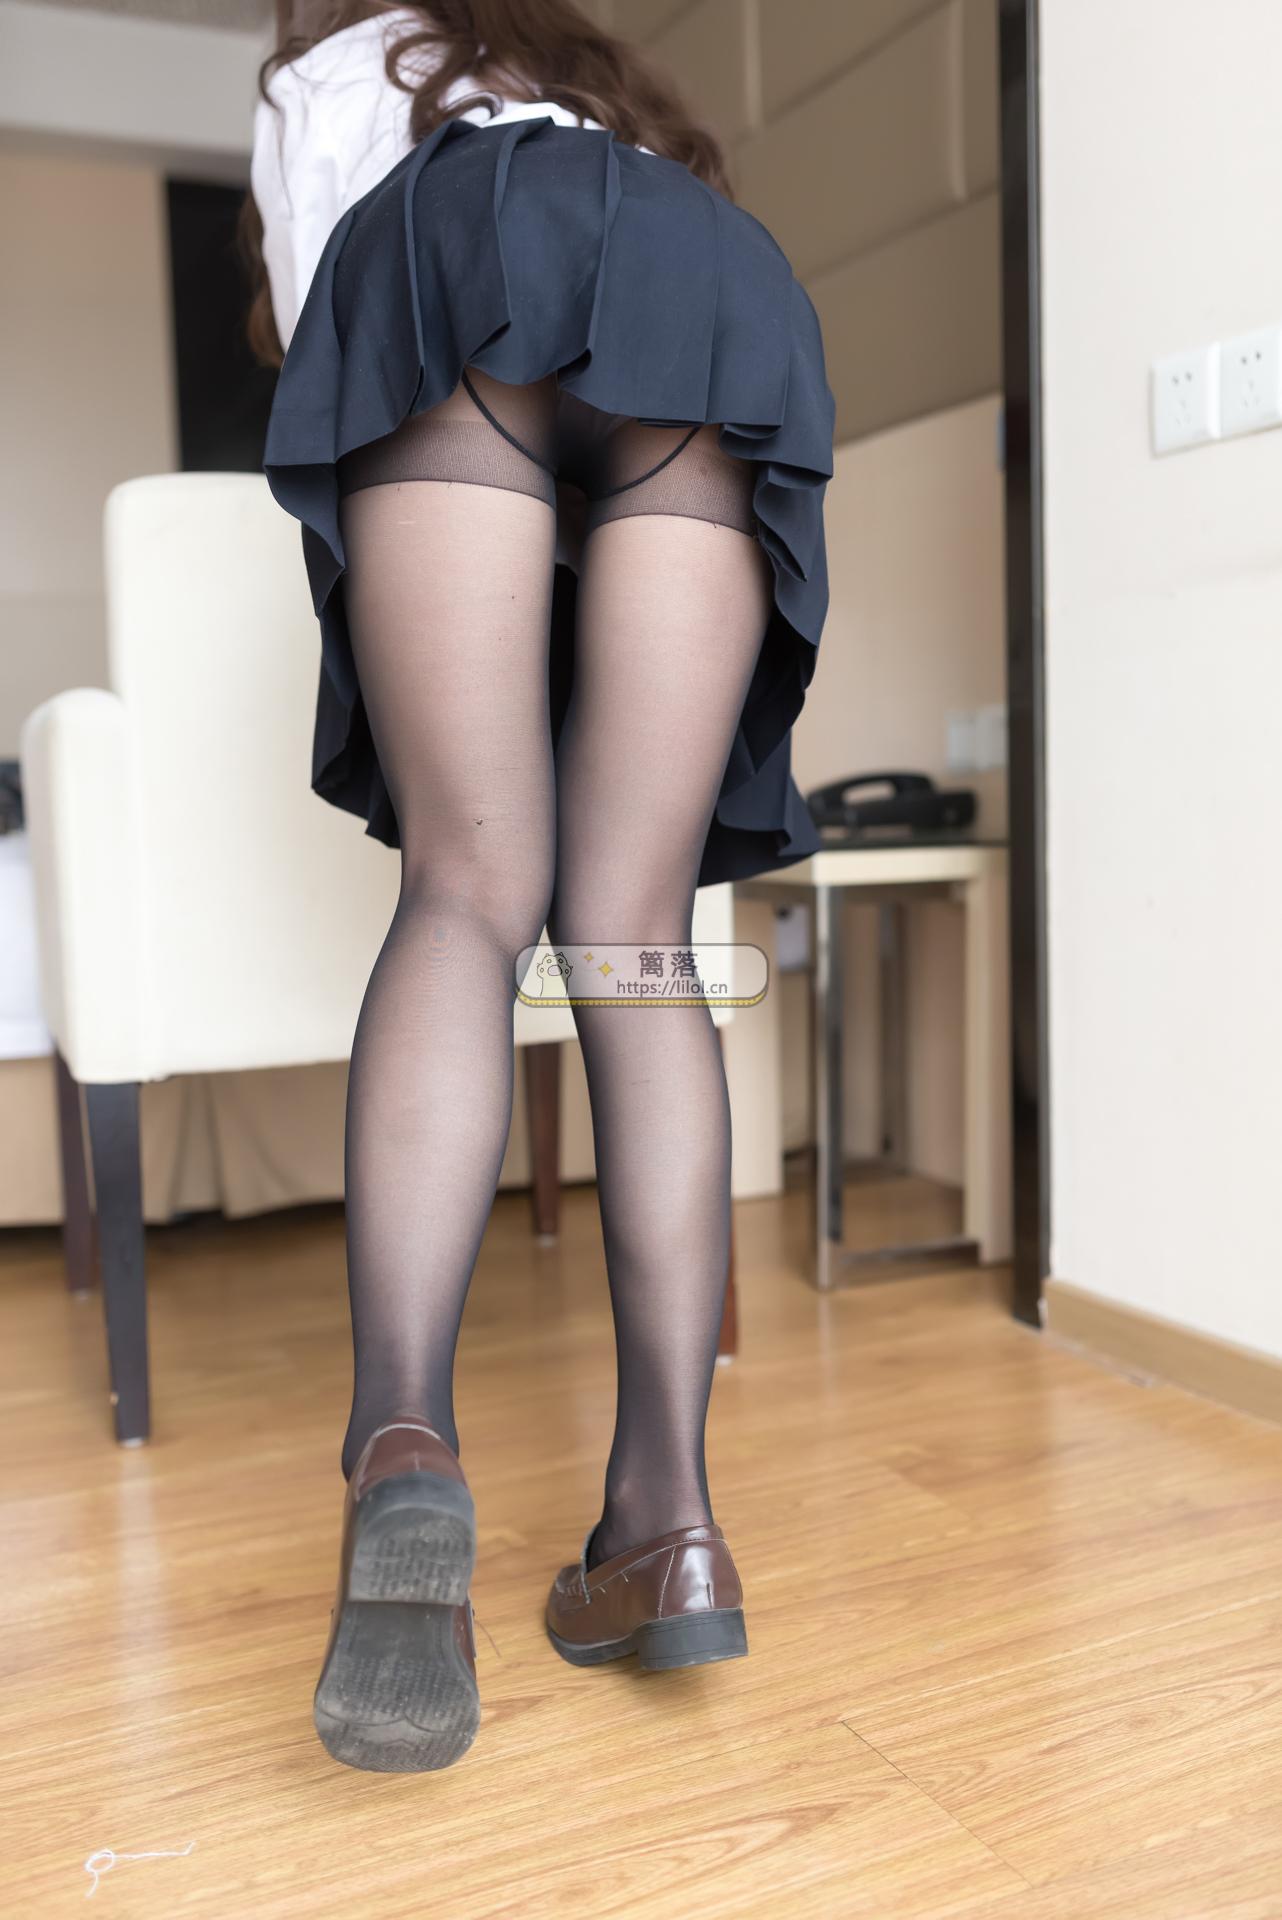 【风之领域】No.048 贵妇黑丝美腿诱惑写真 [45图-0.2GB] 萌妹系列 第1张